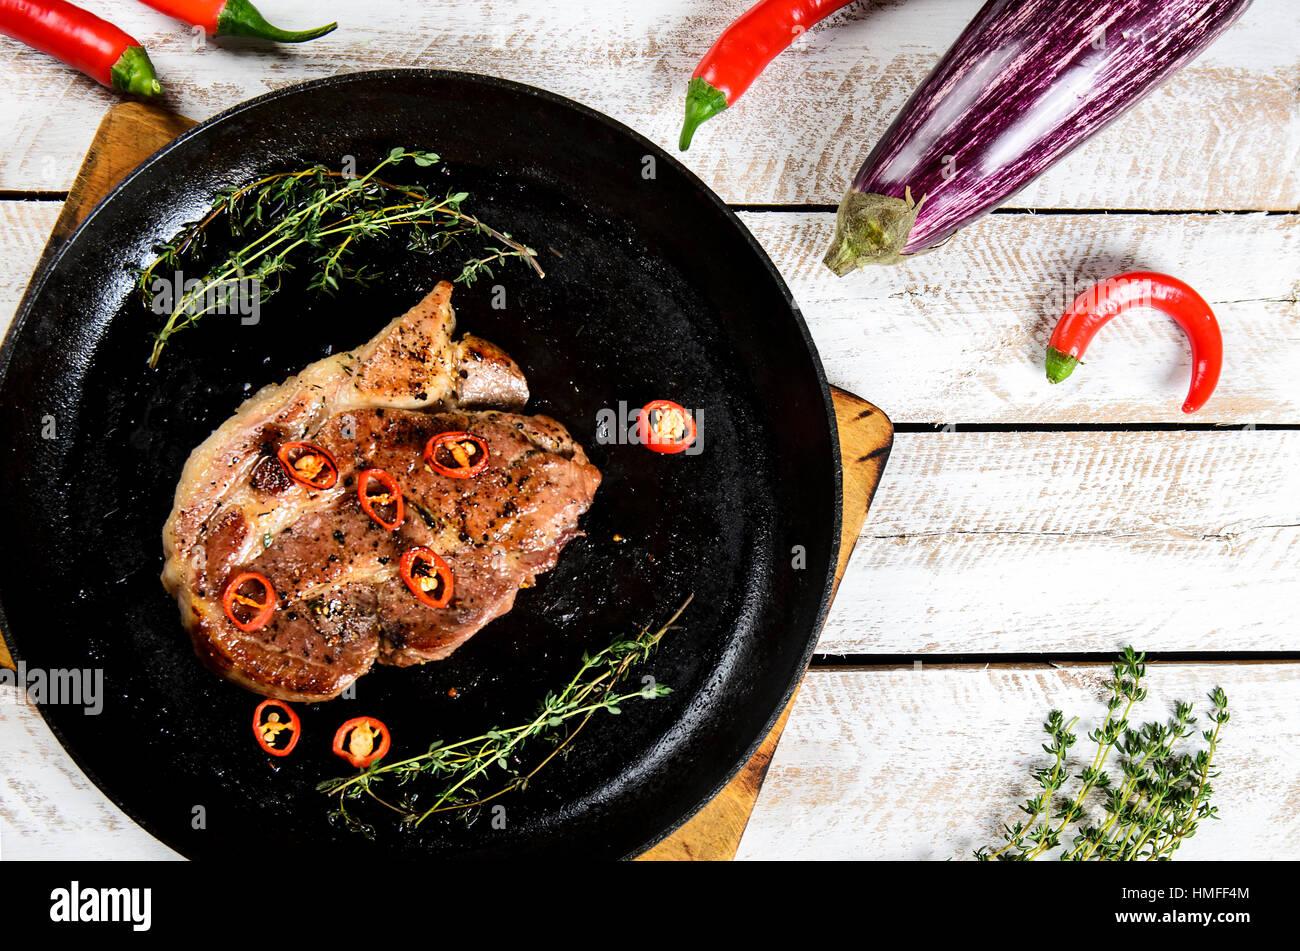 La viande avec les épices dans une casserole, romarin, et Hot Chili Peppers sur un arrière-plan de table Photo Stock